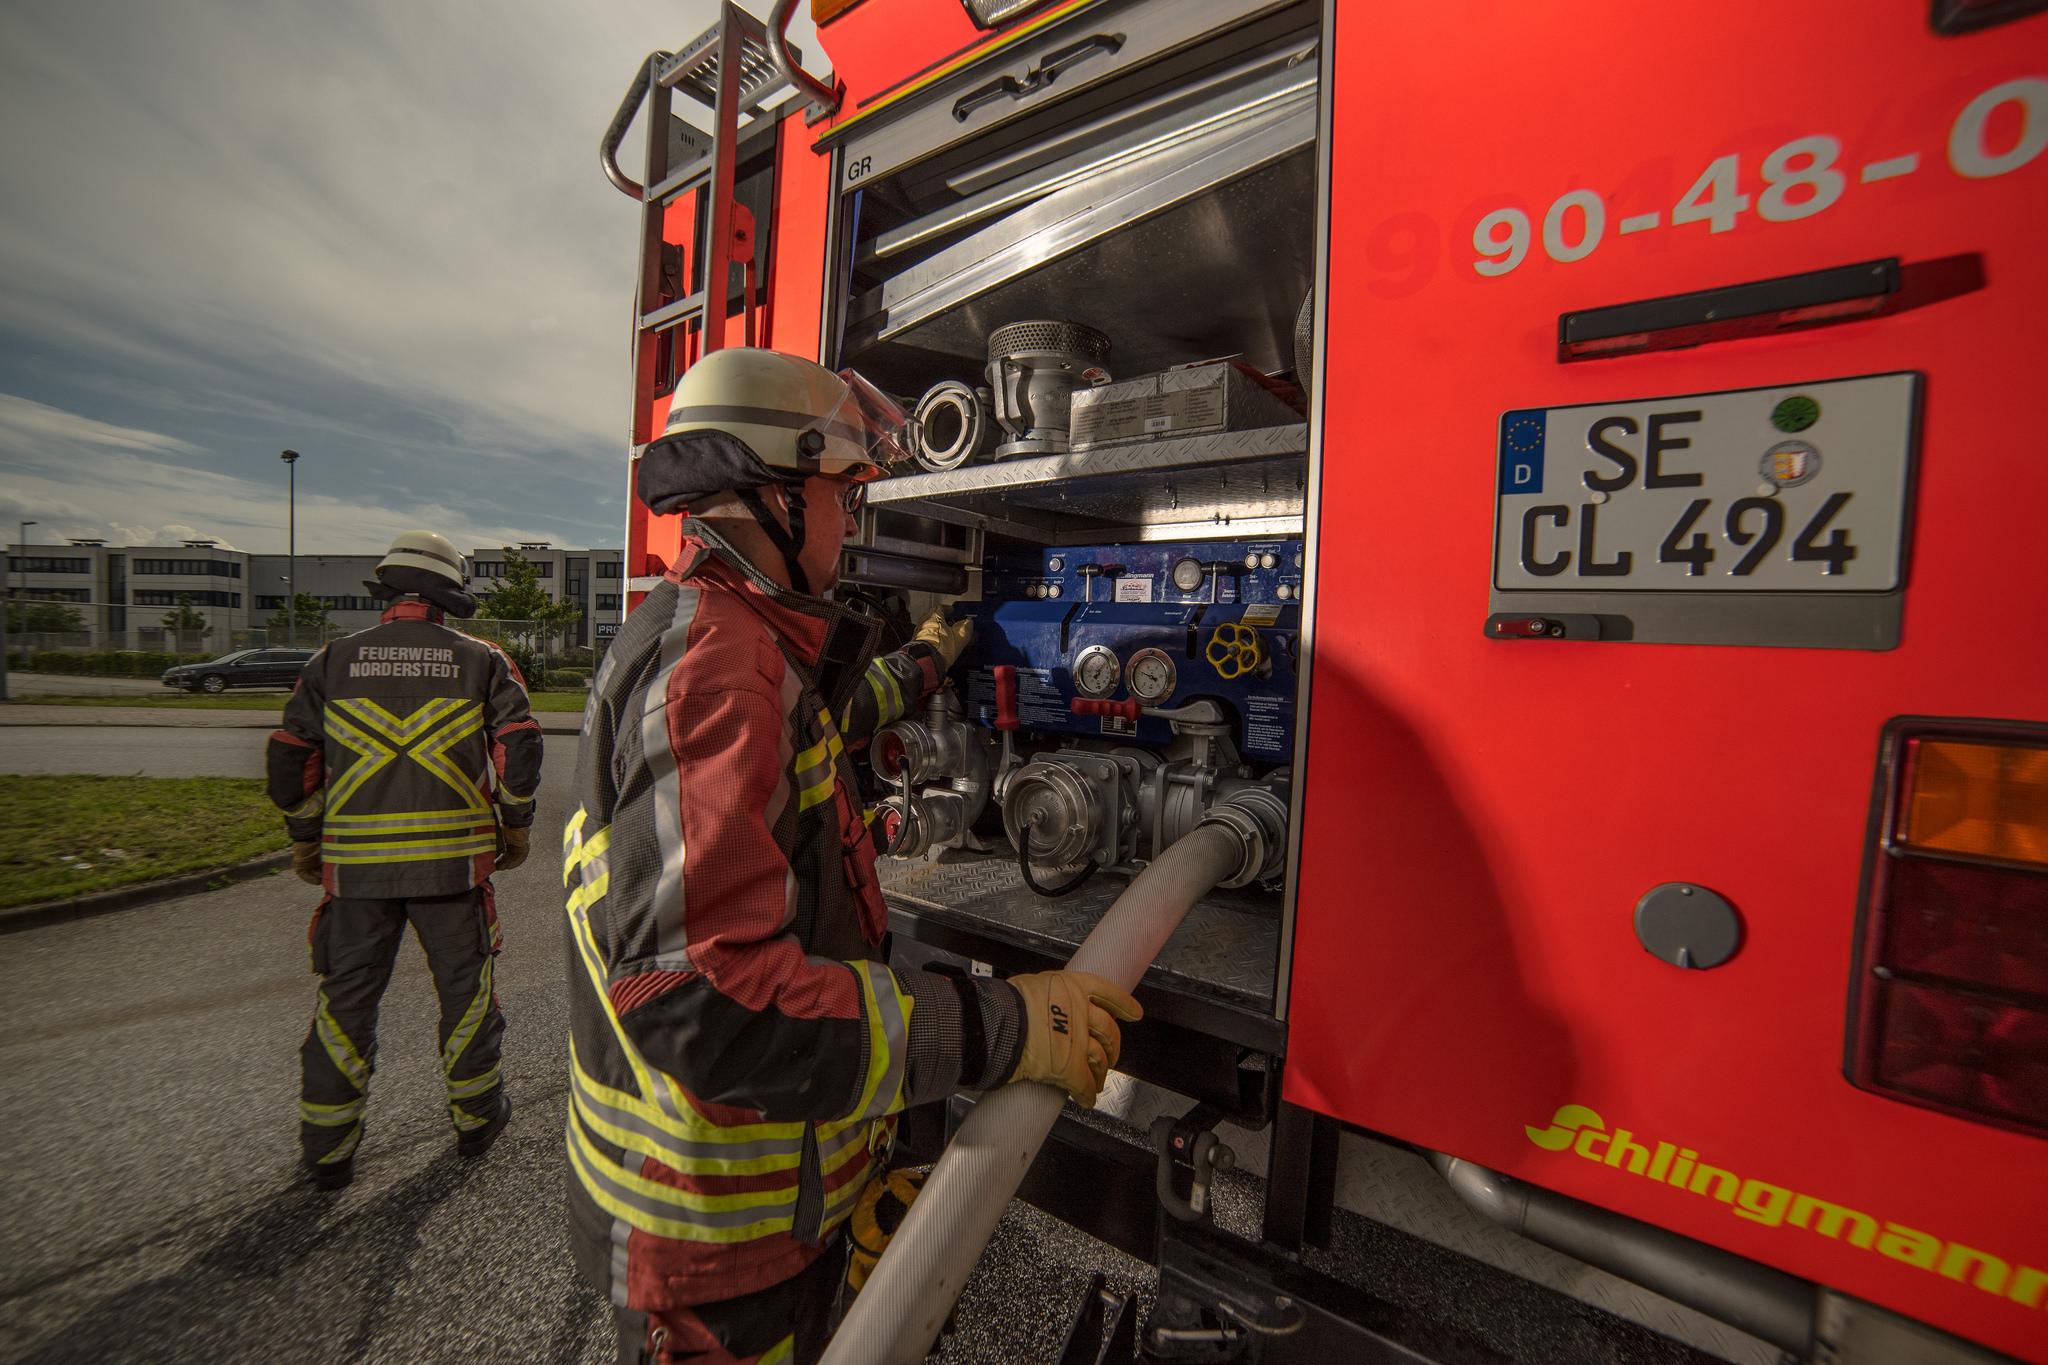 3 Brandeinsatz Feuerwehr Norderstedt